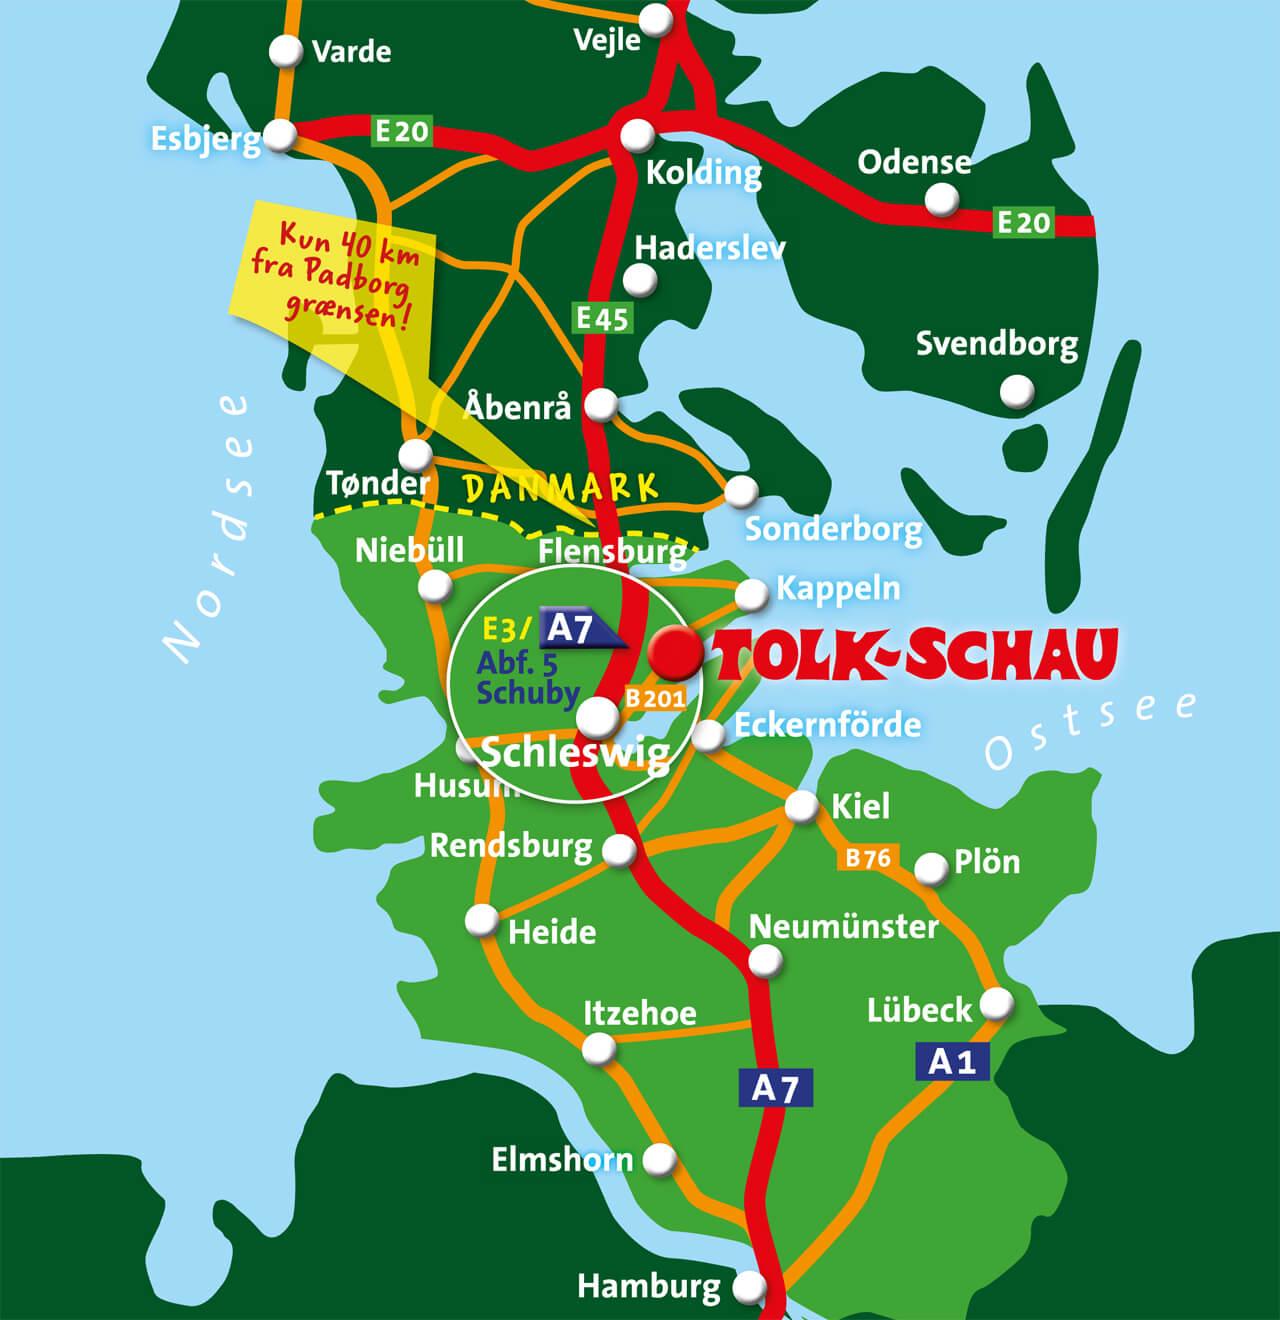 Freizeitpark Norddeutschland Karte.So Finden Sie Uns Das Tollste Im Norden